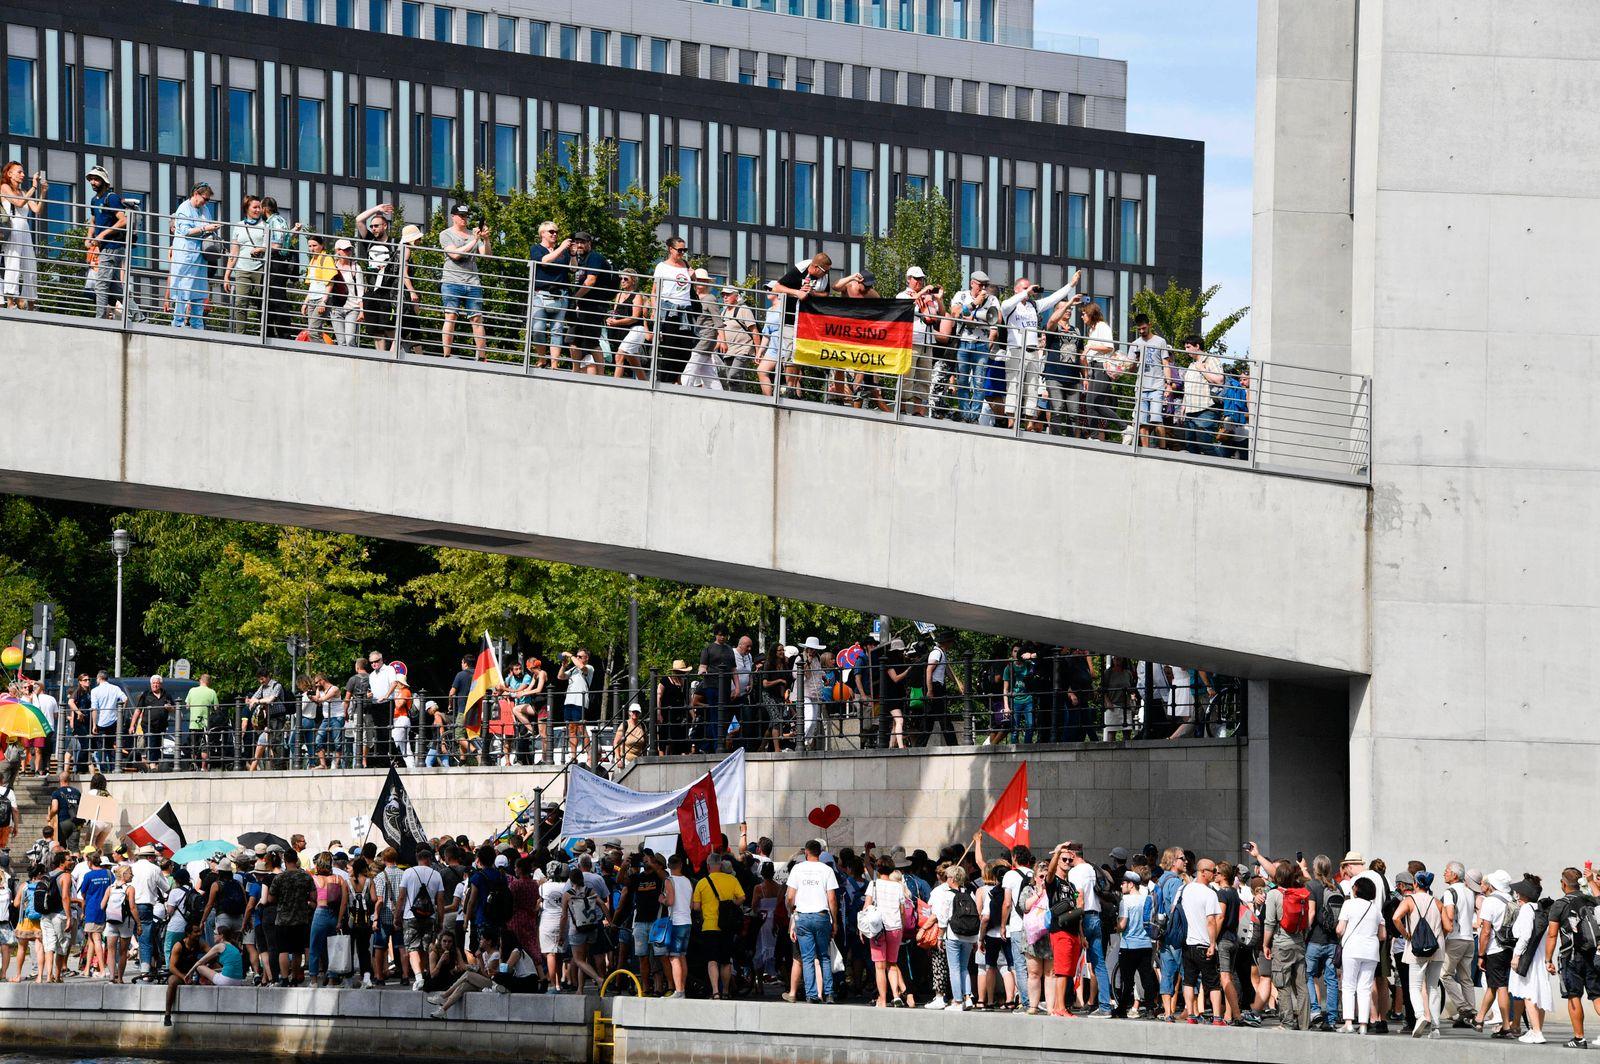 Mehrere Tausend Menschen bei der Demonstration und Kundgebung gegen die Corona-Politik der Bundesregierung unter dem Mo